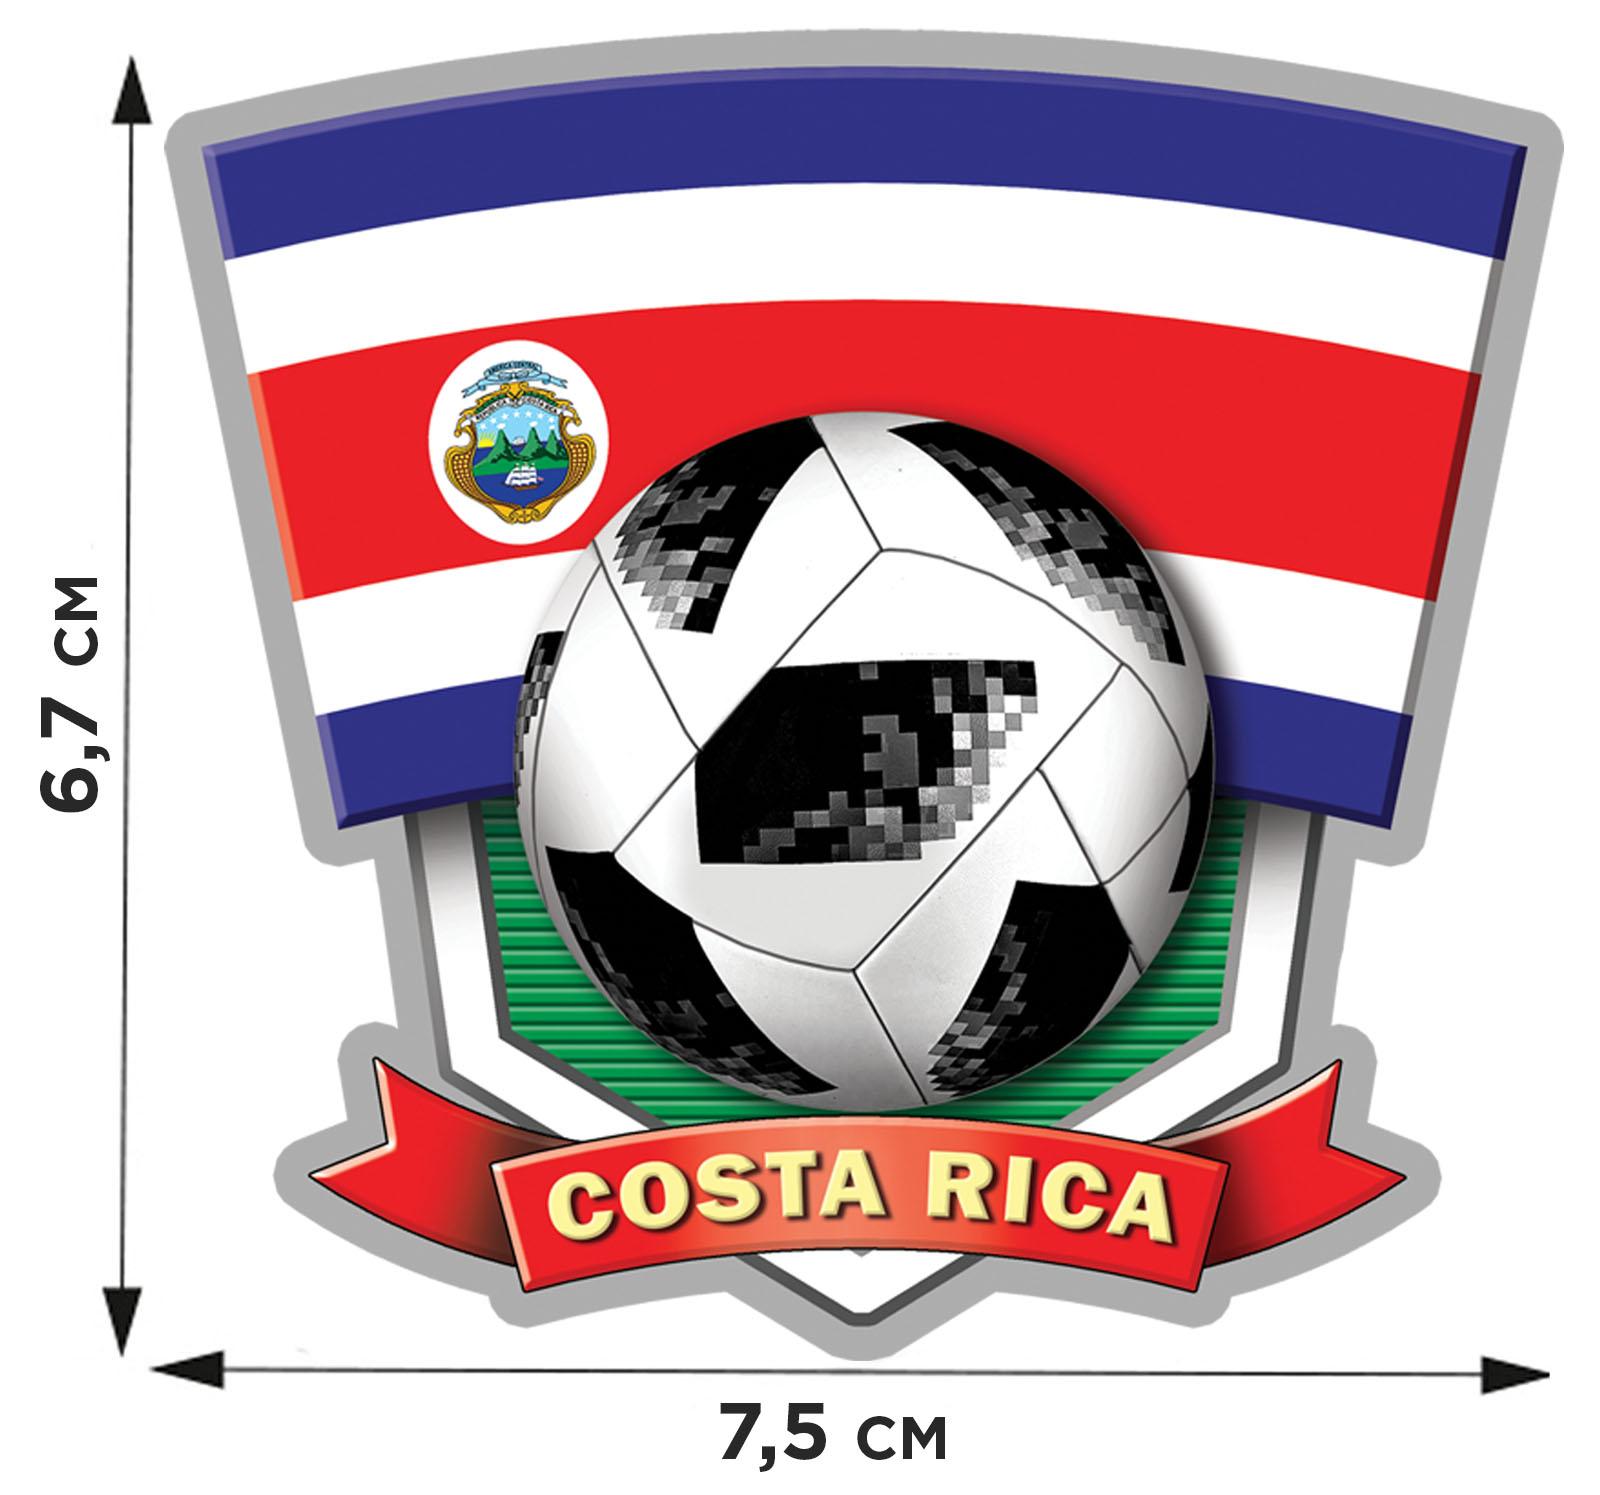 Заказать сублимацию Коста Рика по суперской цене